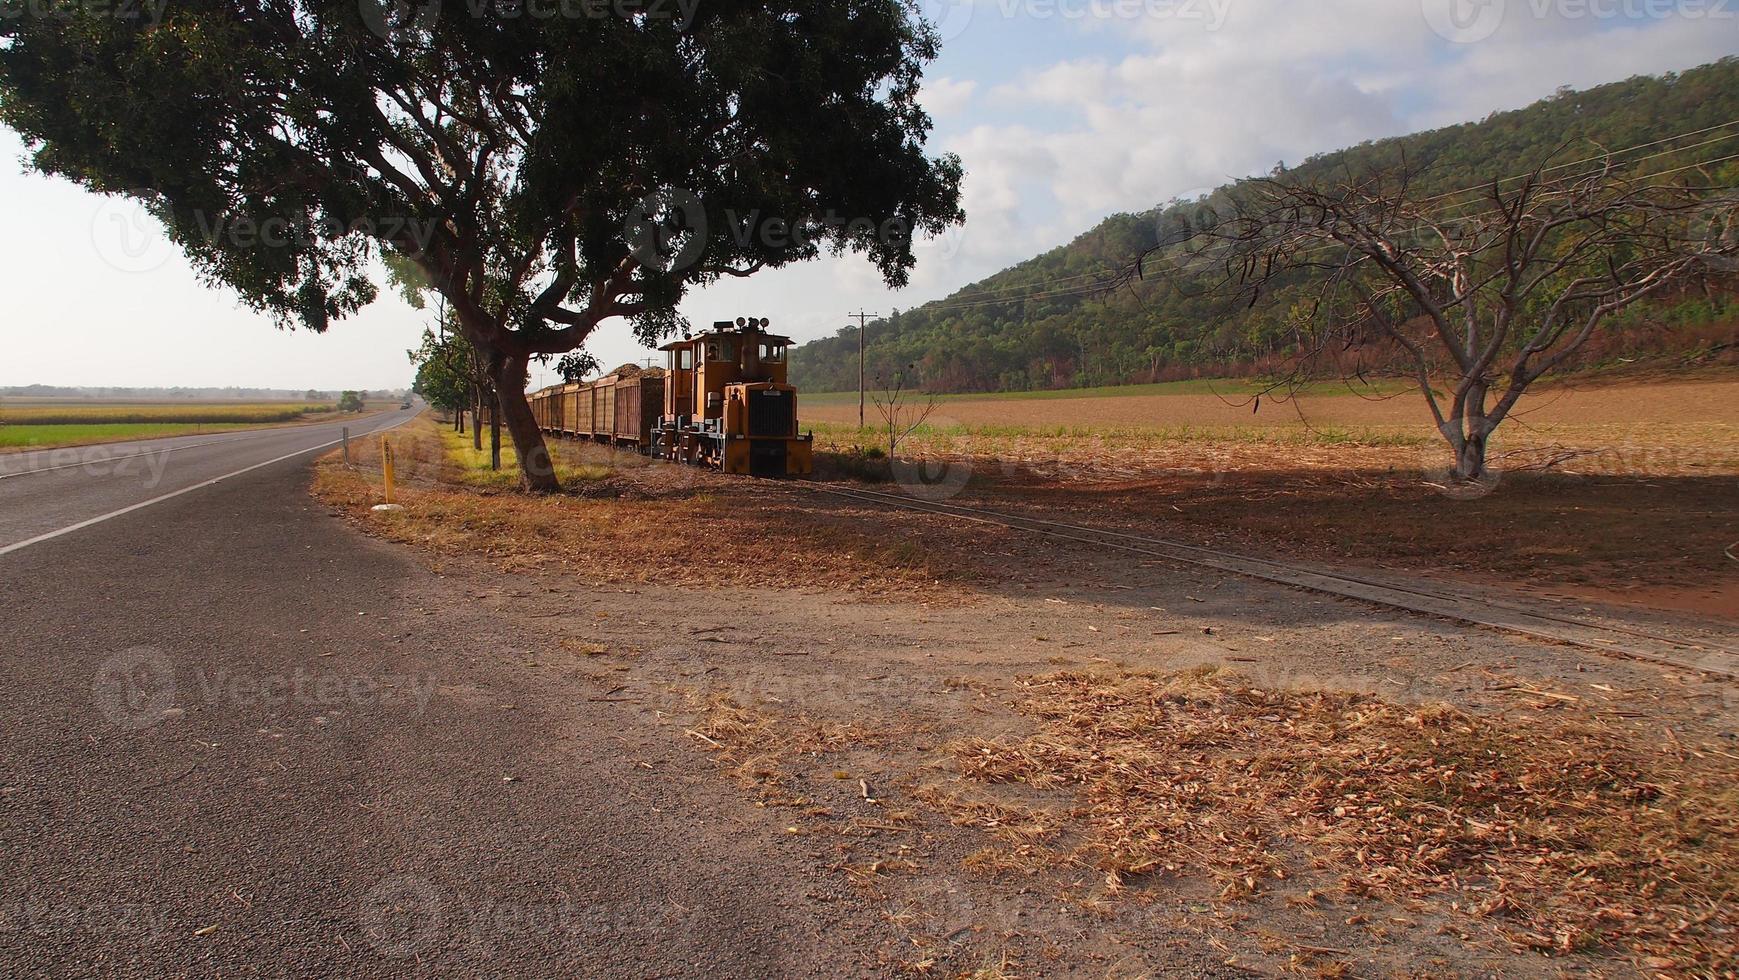 Sugar Cane Train photo